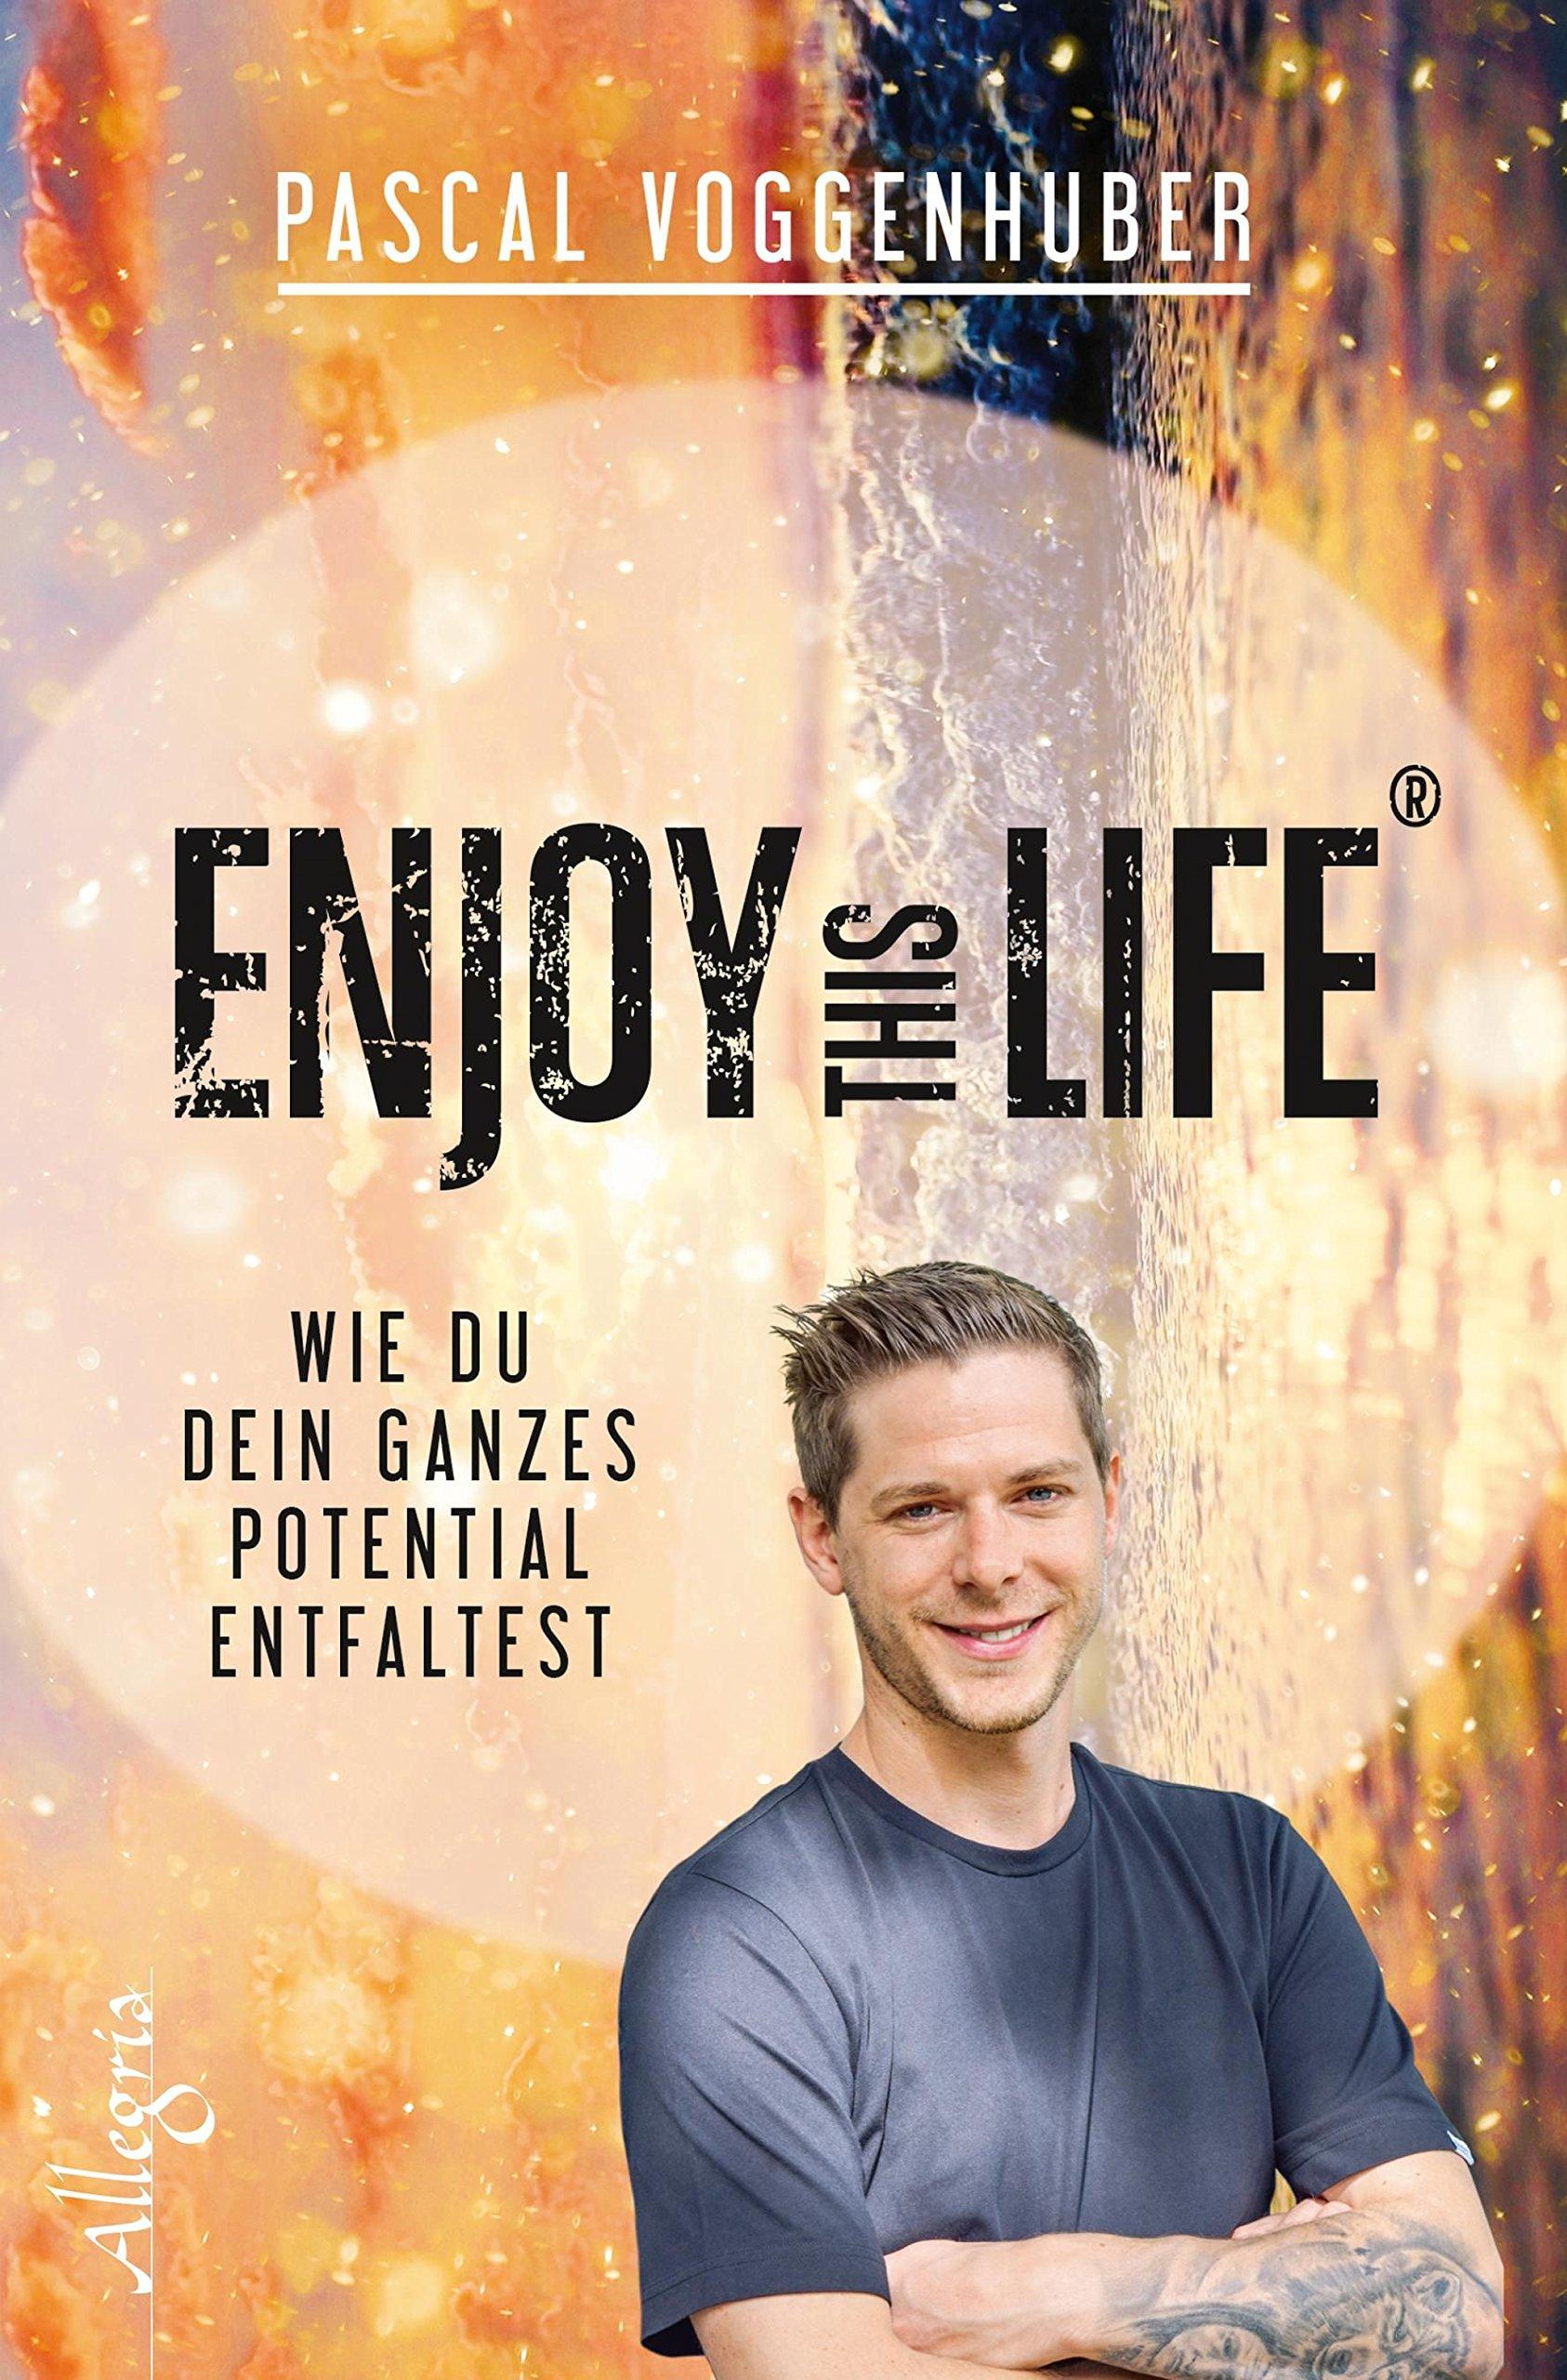 Enjoy this Life: Wie du dein ganzes Potential entfaltest Broschiert – 10. März 2017 Pascal Voggenhuber Allegria 3793423212 BODY